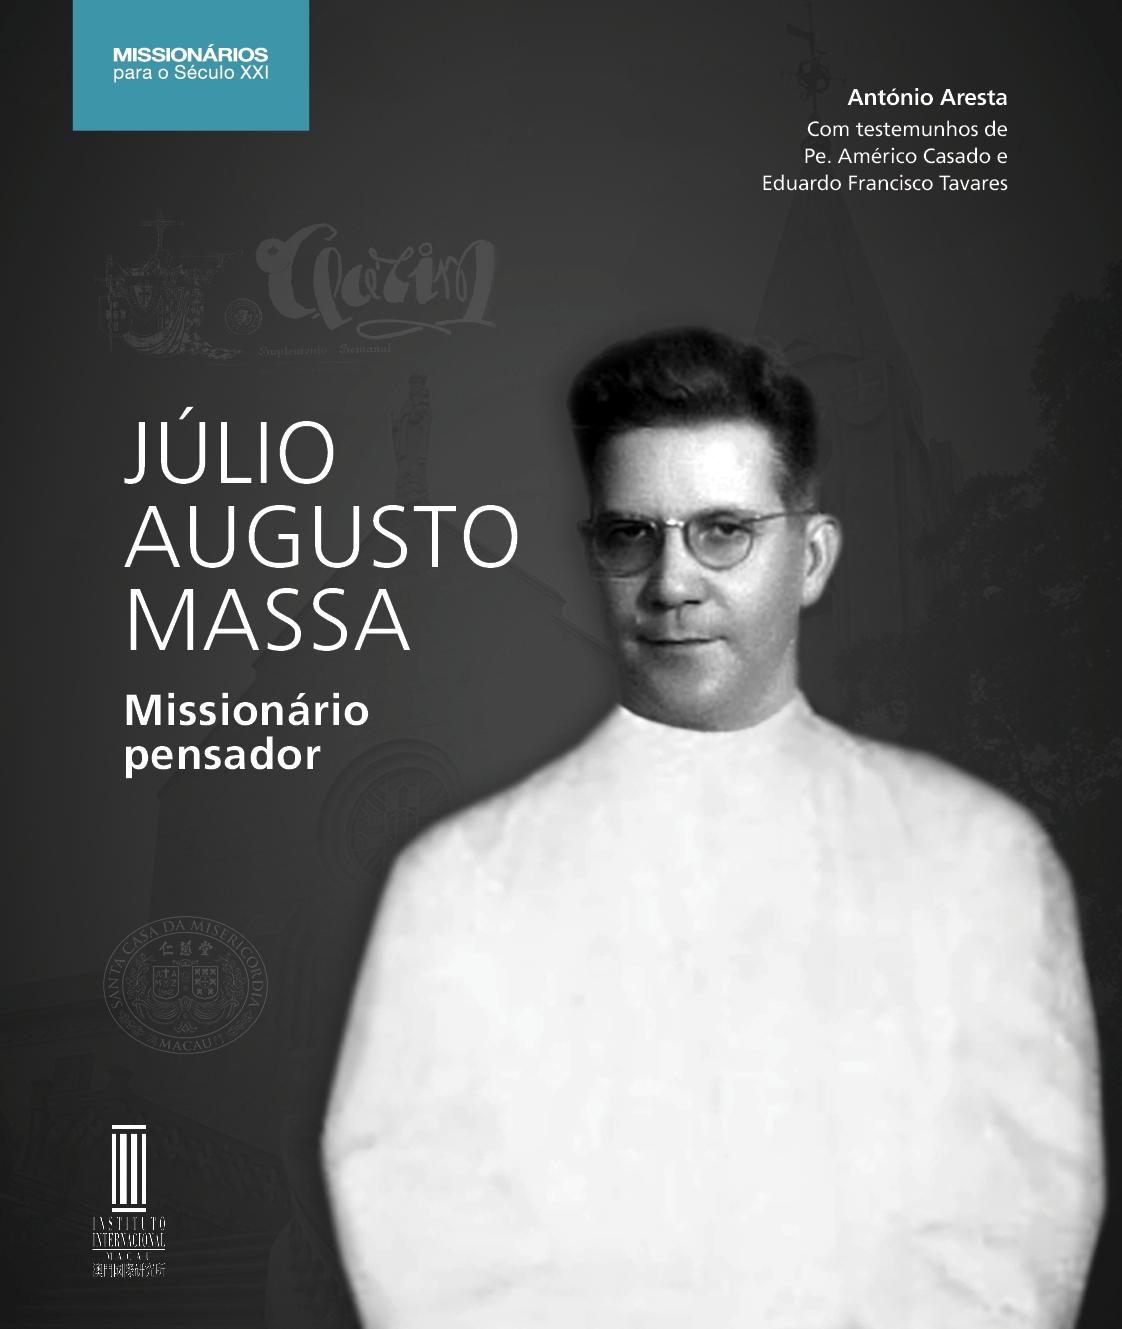 Livros | IIM lança obra sobre o missionário Júlio Massa